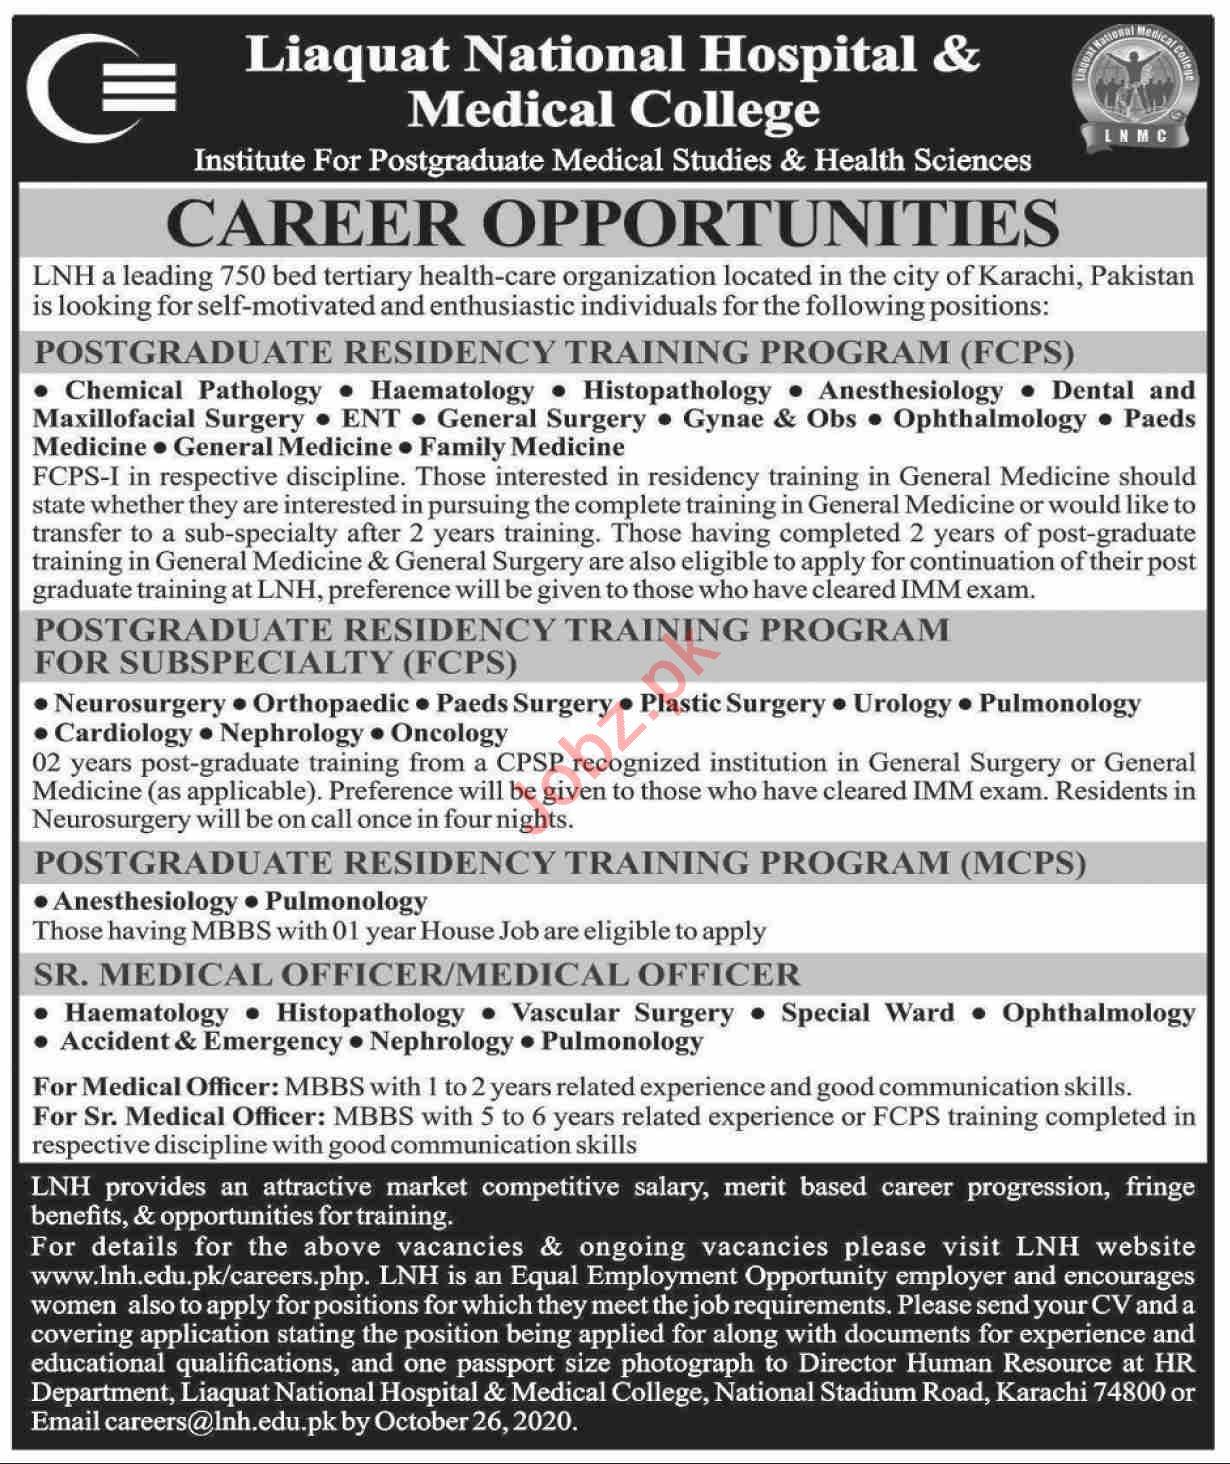 Liaquat National Hospital & Medical College LNMC Jobs 2020